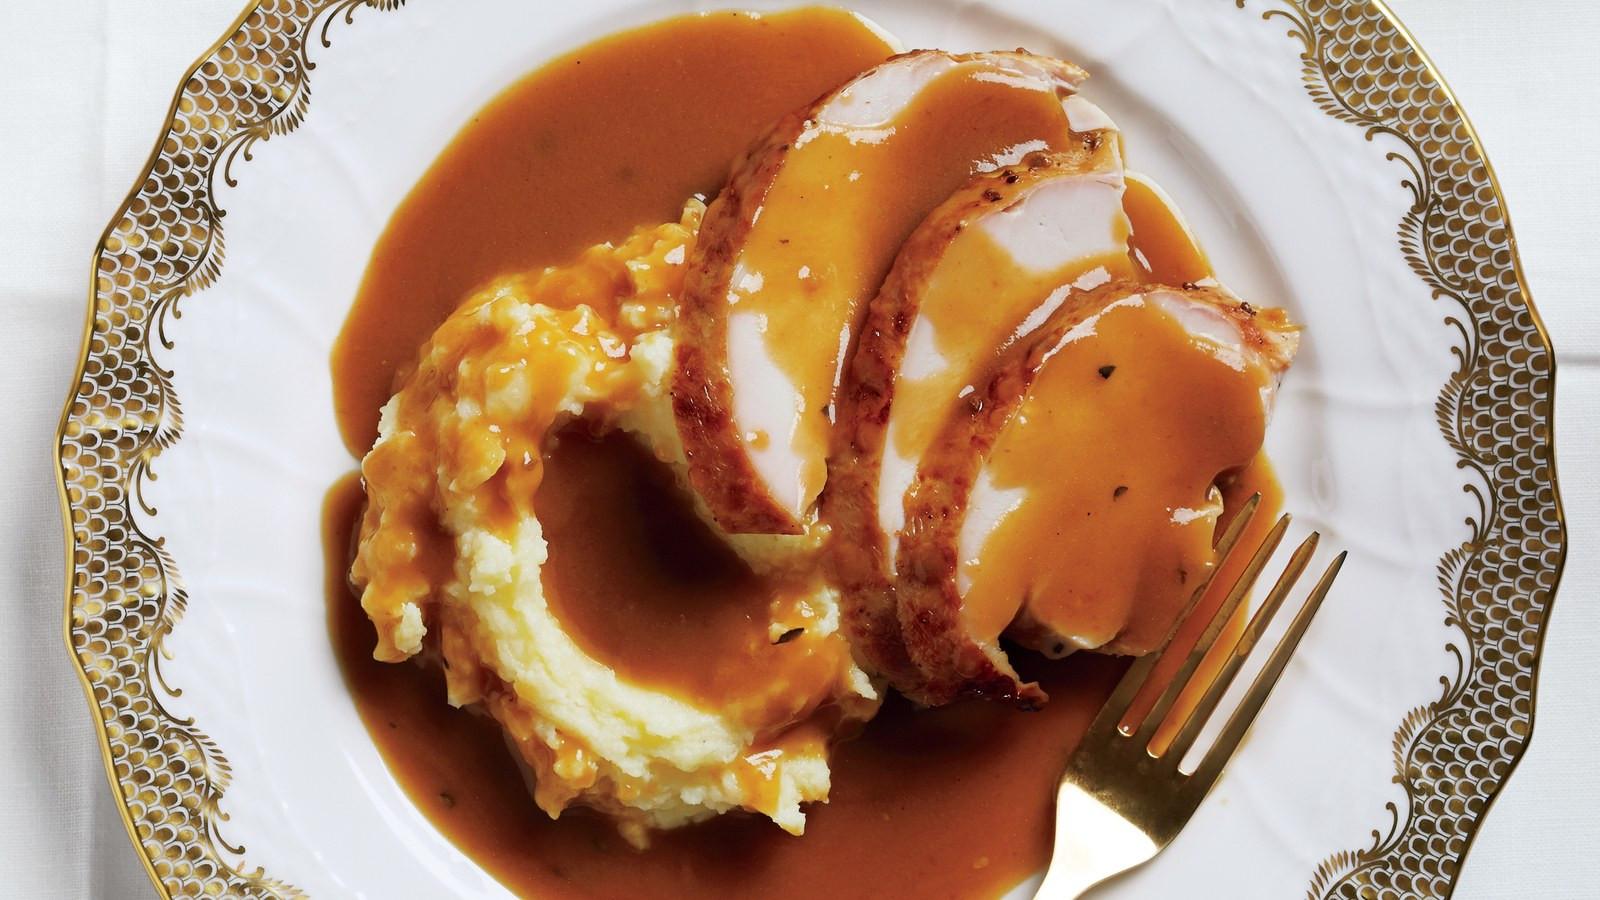 Best Thanksgiving Gravy Recipe  28 Best Turkey Gravy Recipes for Thanksgiving